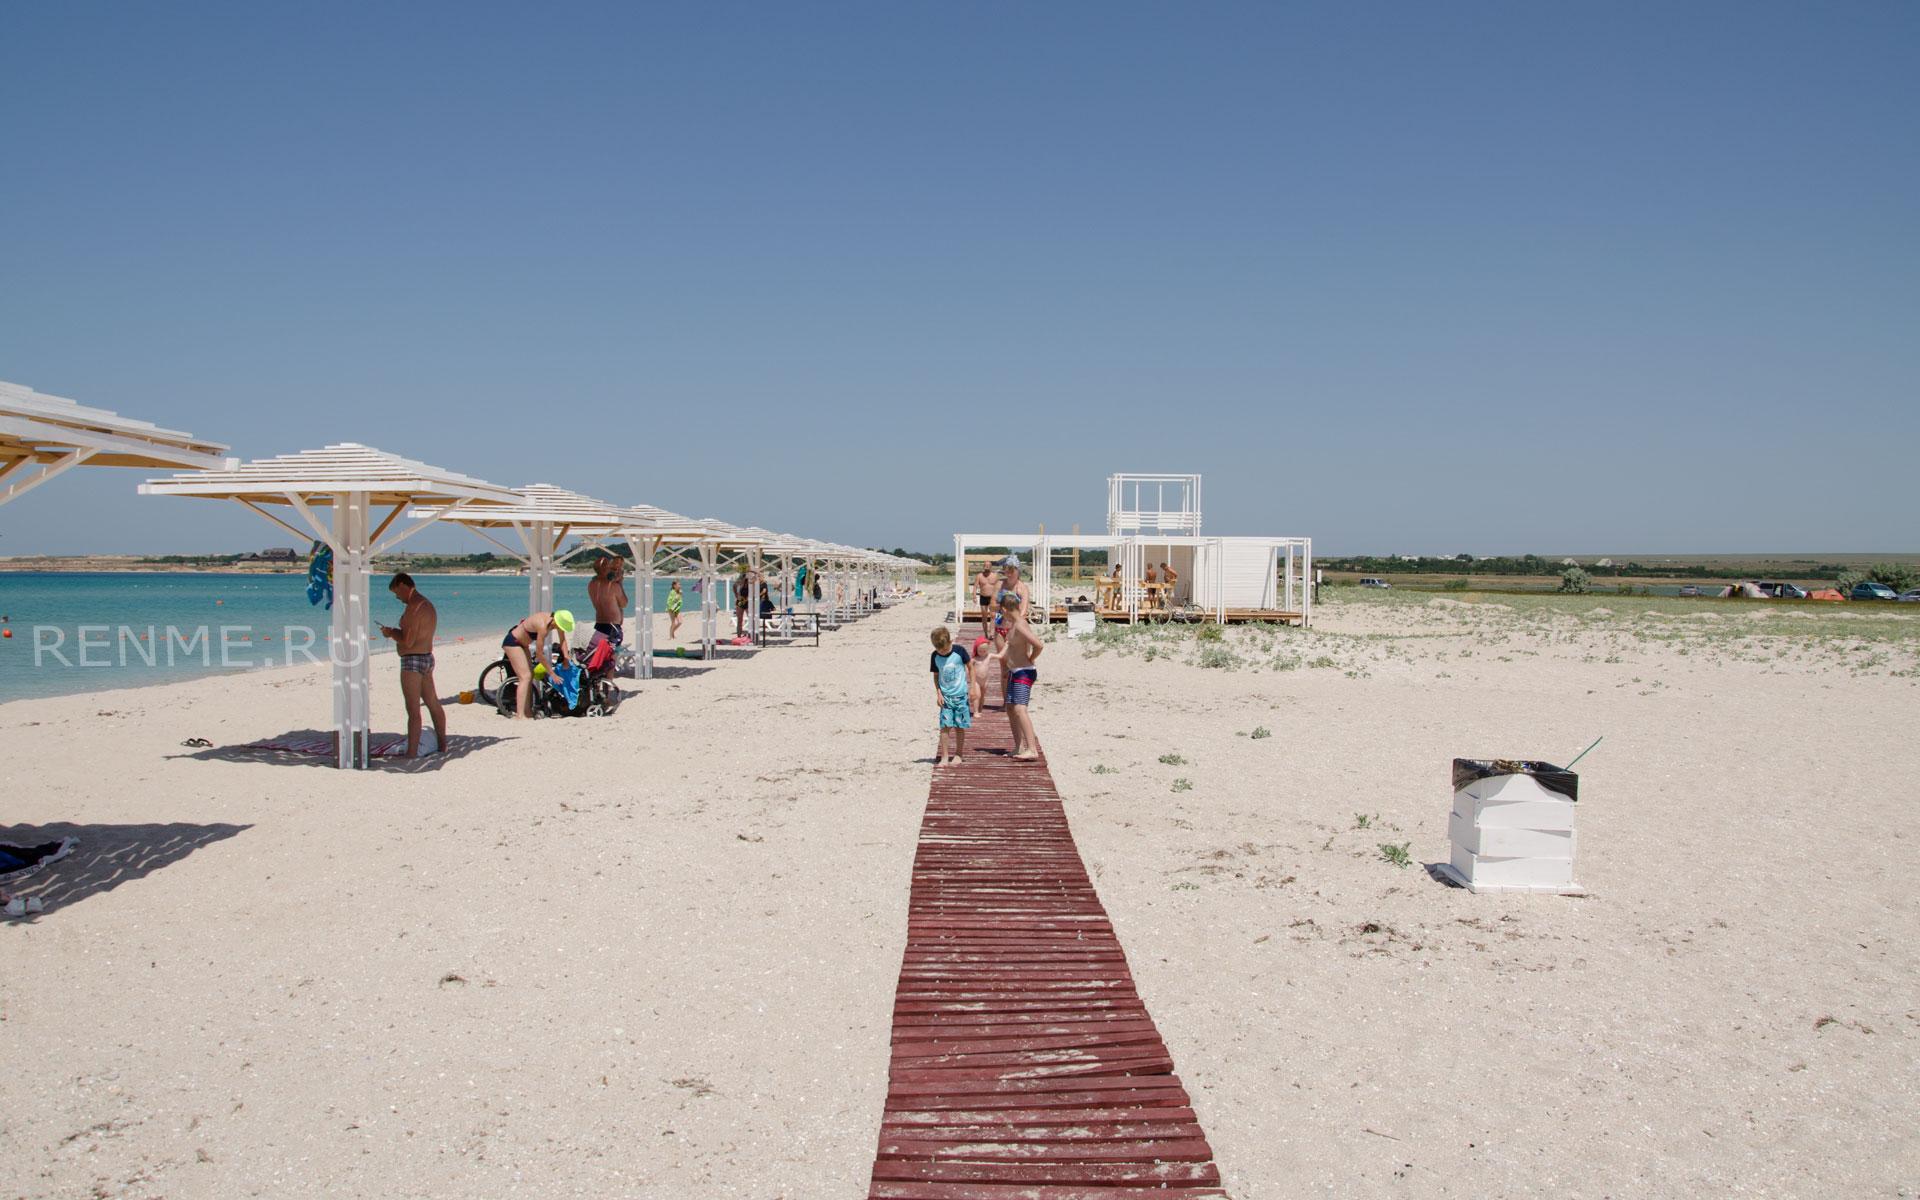 Песчаный пляж для отдыха с детьми в Оленевке. Фото Оленевки